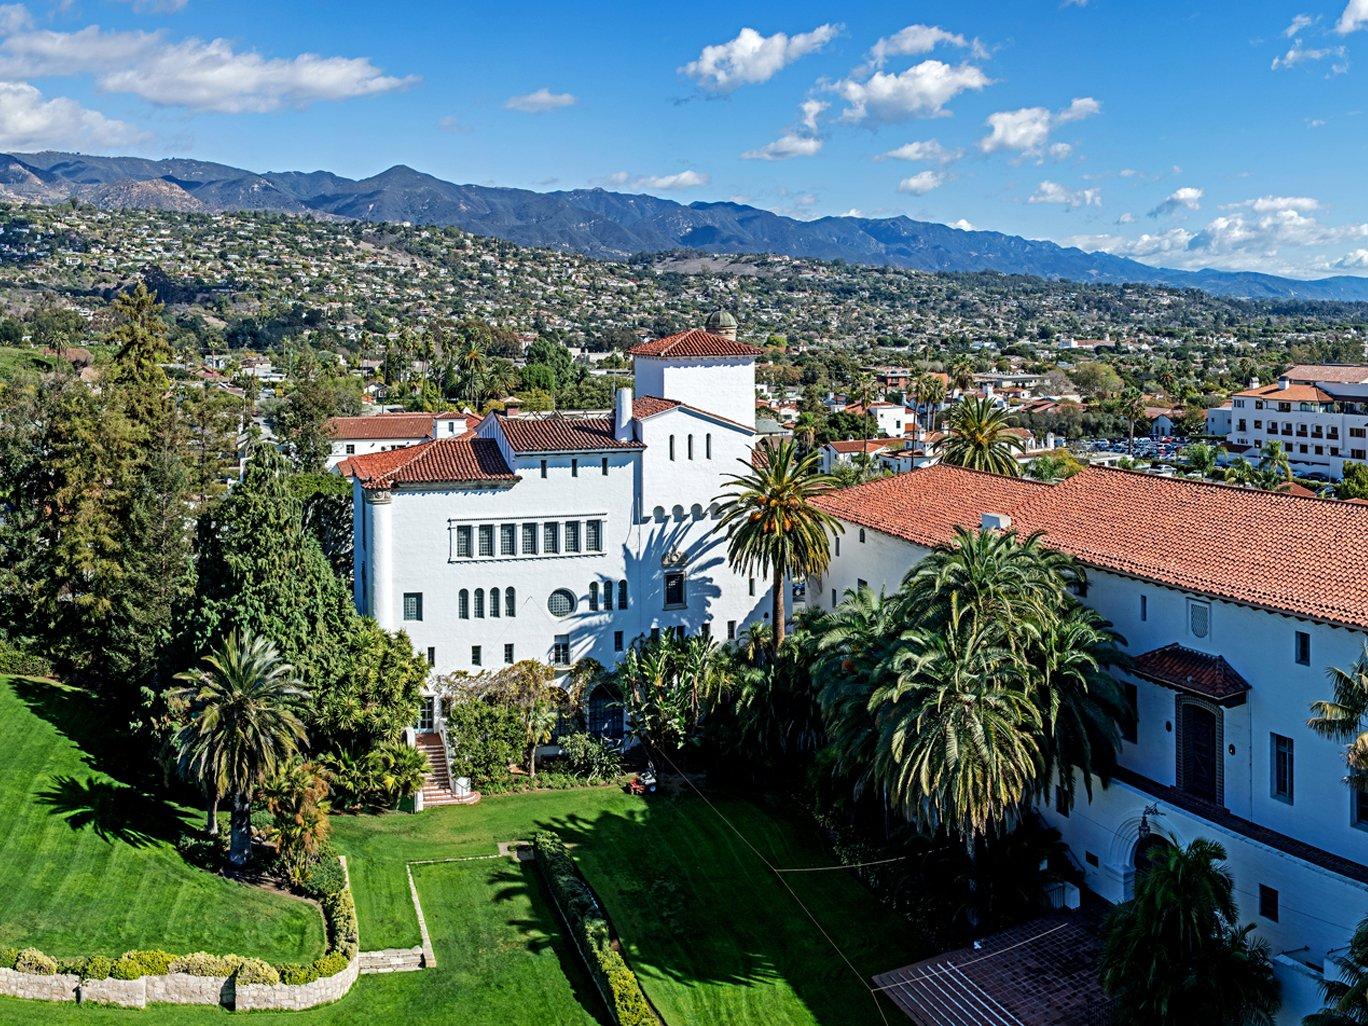 Santa Barbara Courthouse Garden